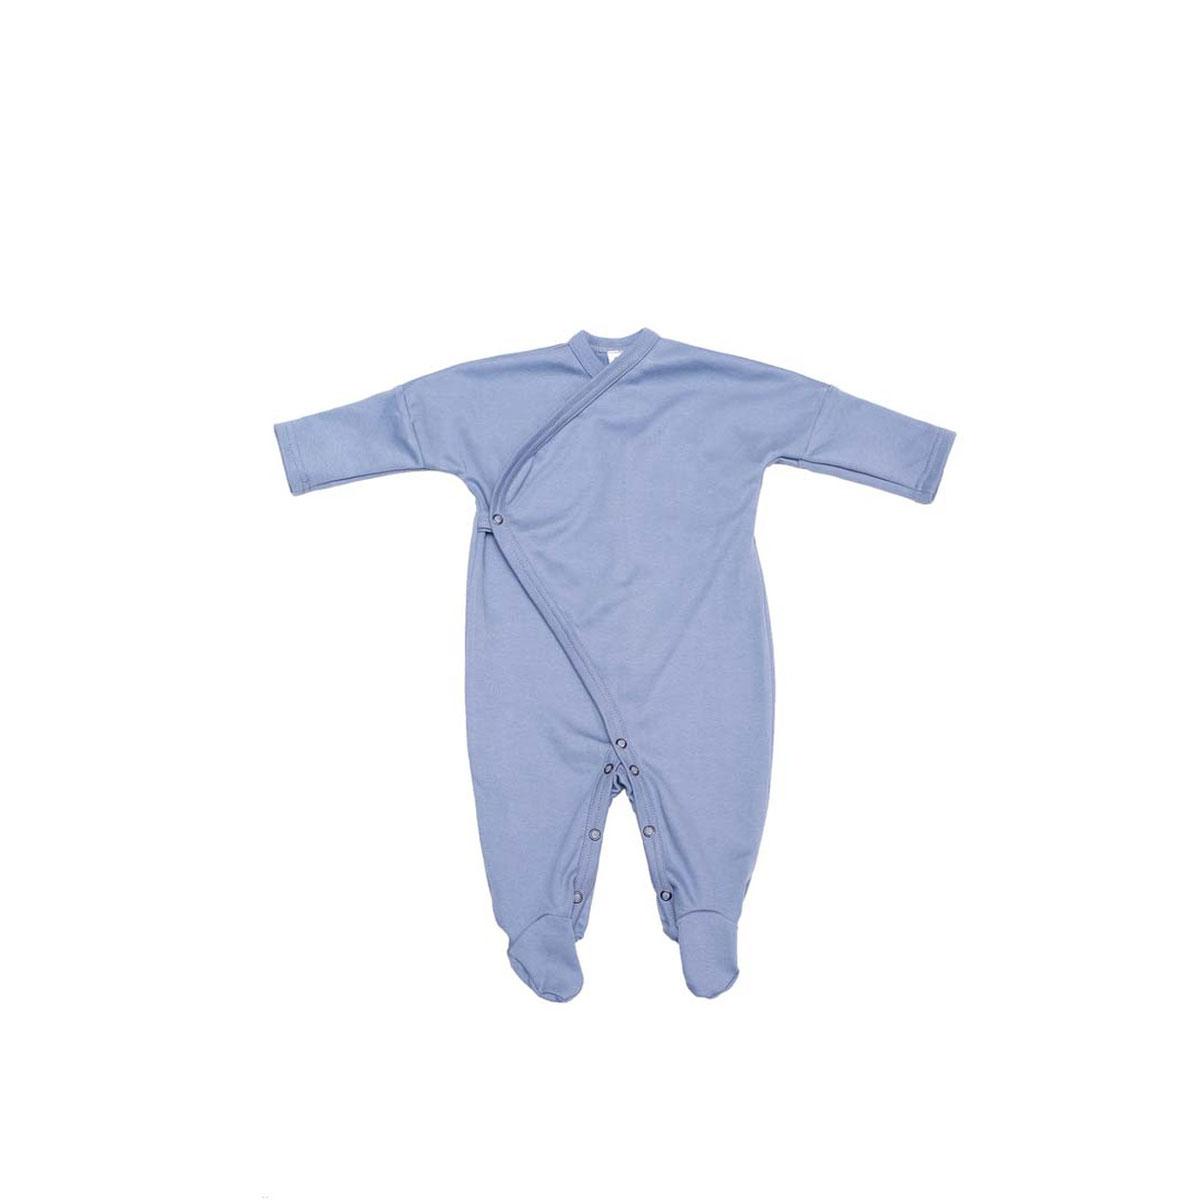 Baby Schlafanzug mit Füssen - aus GOTS-zertifizierter Bio-Baumwolle von Wooly Organic